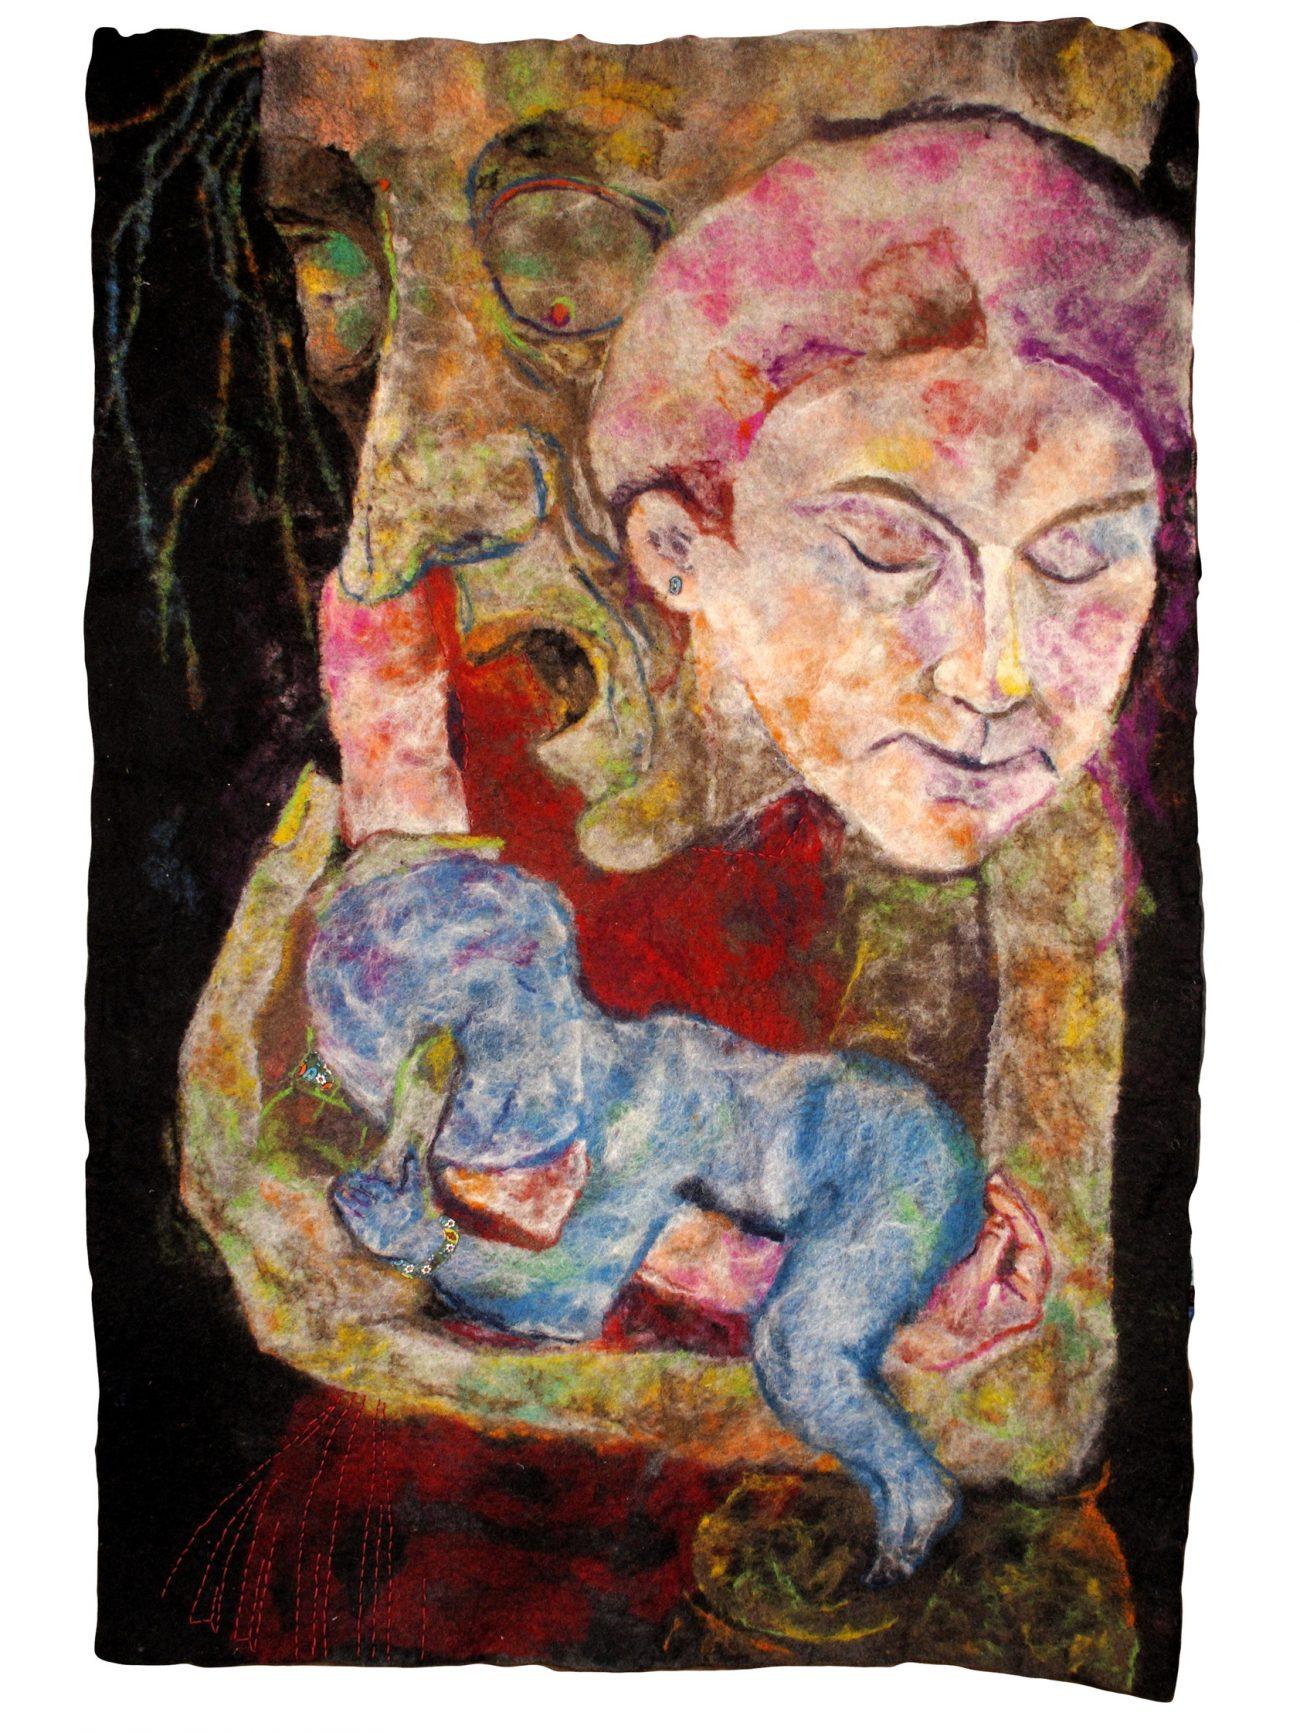 Barbara Füreder, Baba Yaga Trinität, 2010, gevilte wol.